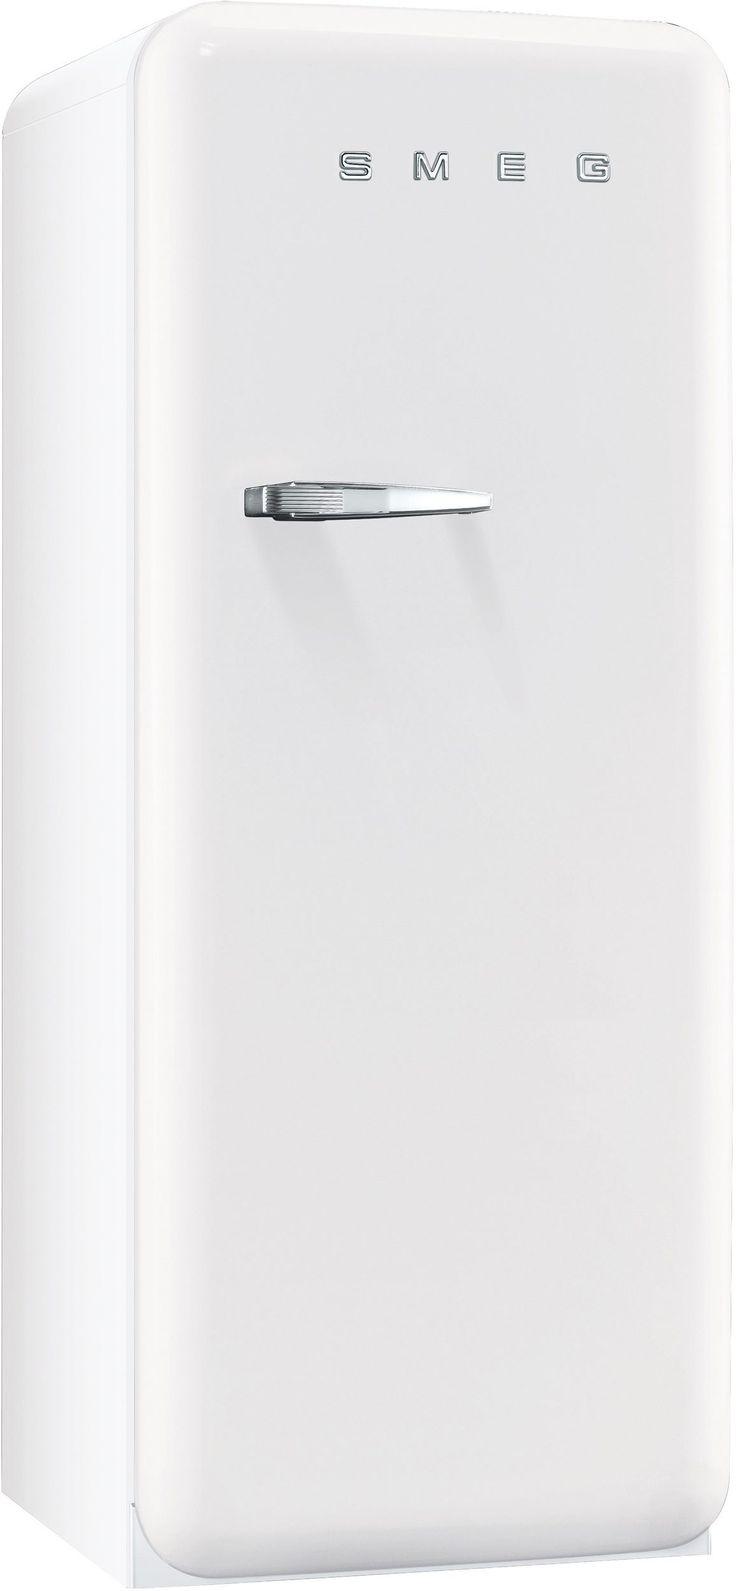 Die 47 besten Bilder zu Smeg Kühlschrank von Anette Grünke auf ...